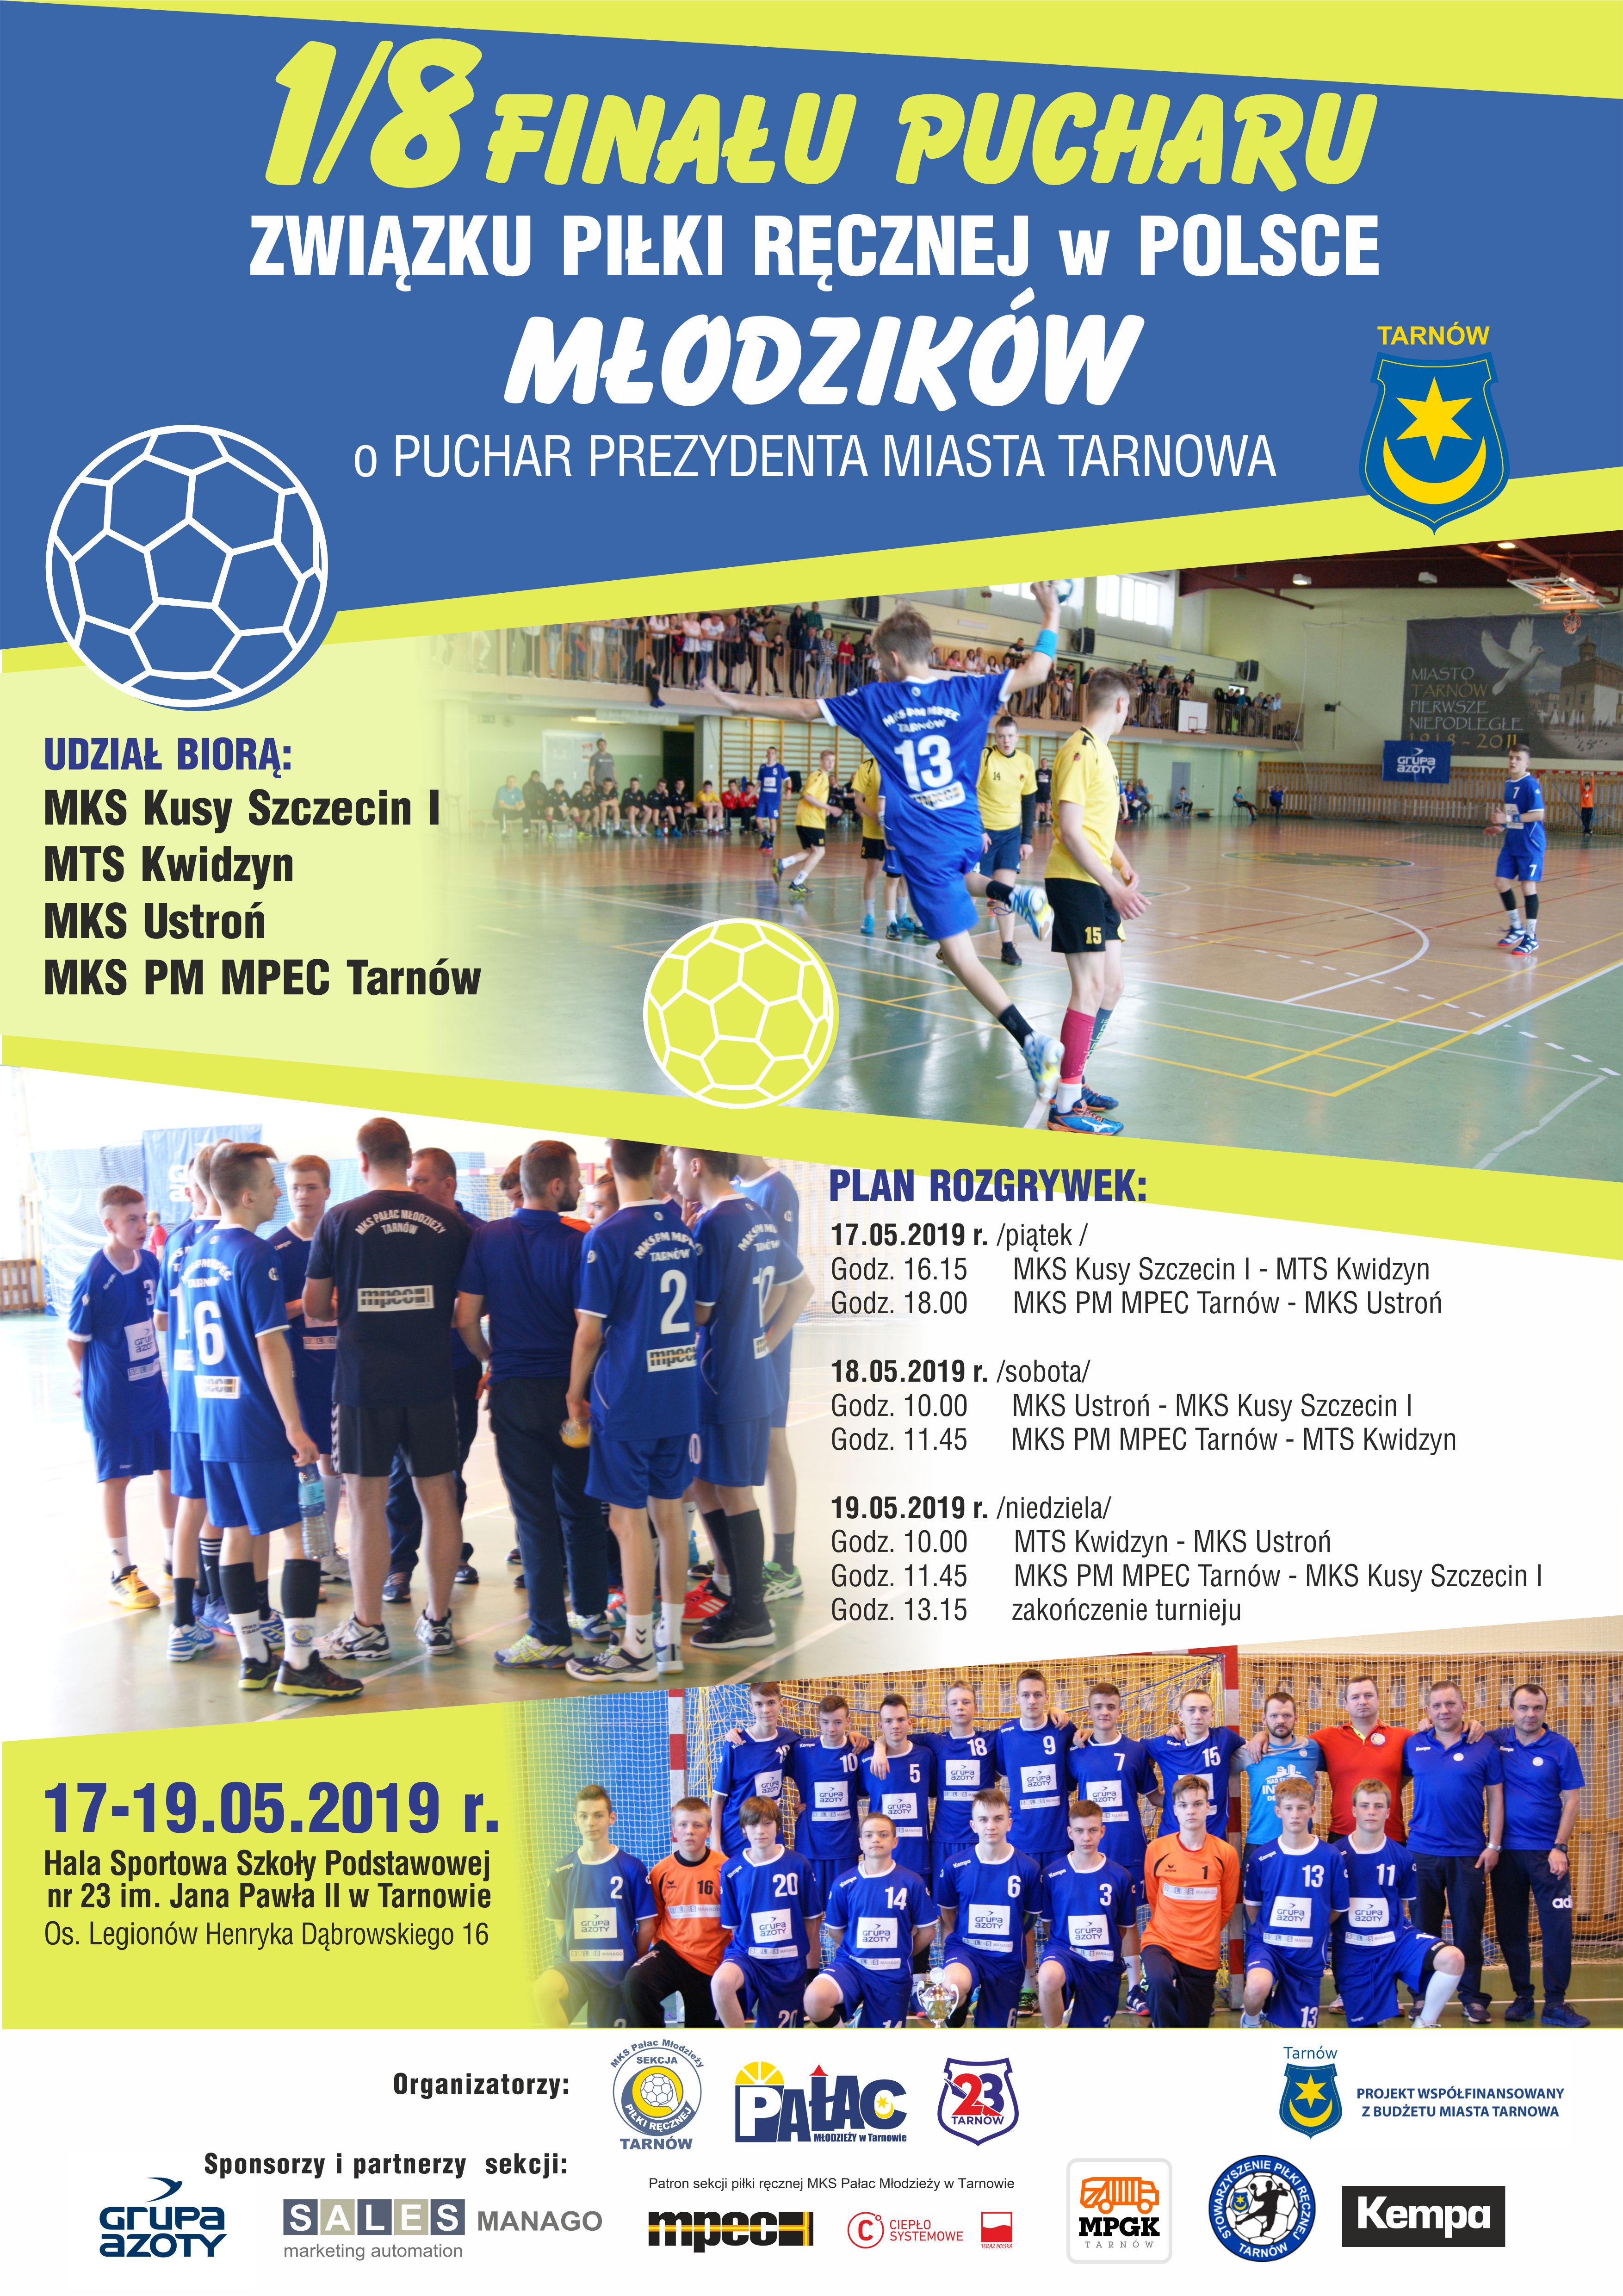 da1641a21 Zaproszenie 1- 8 Finału Pucharu ZPRP Młodzików